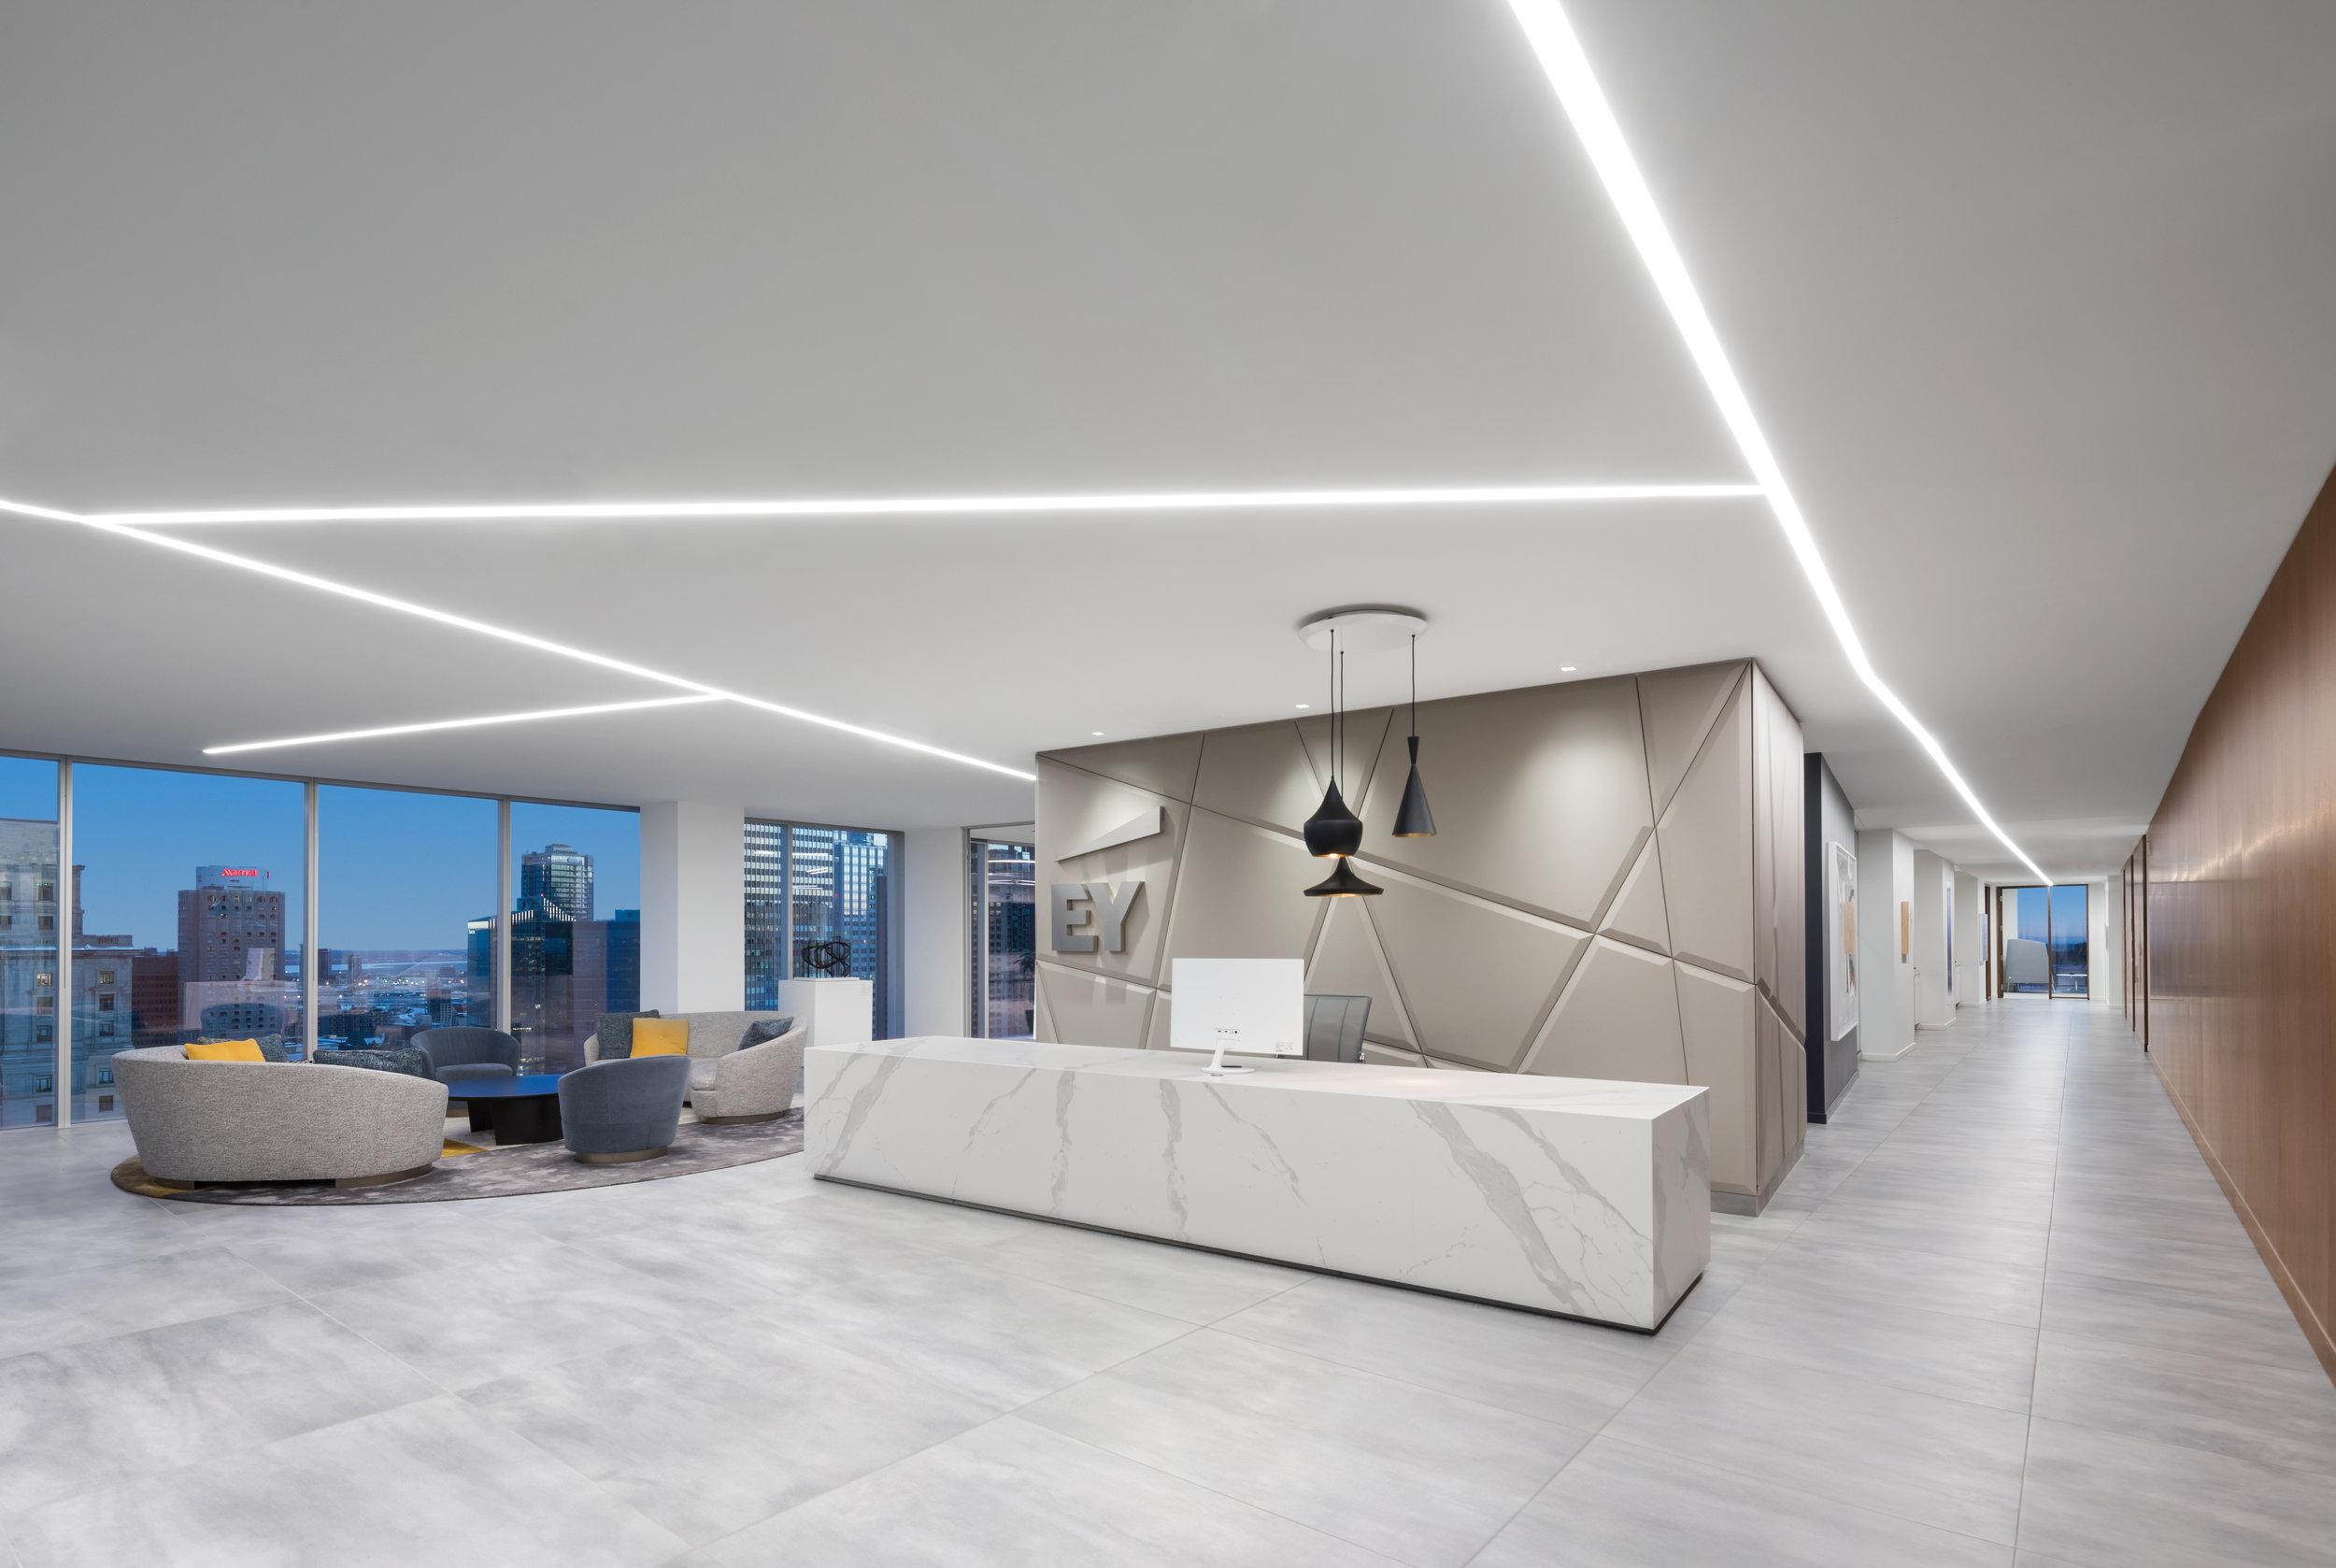 EY – Bureaux   Aménagement et design des nouveaux bureaux de la firme EY, se déployant sur 3 étages et accueillant les 800 employés, dans la Maison Manuvie [900 de Maisonneuve Ouest].